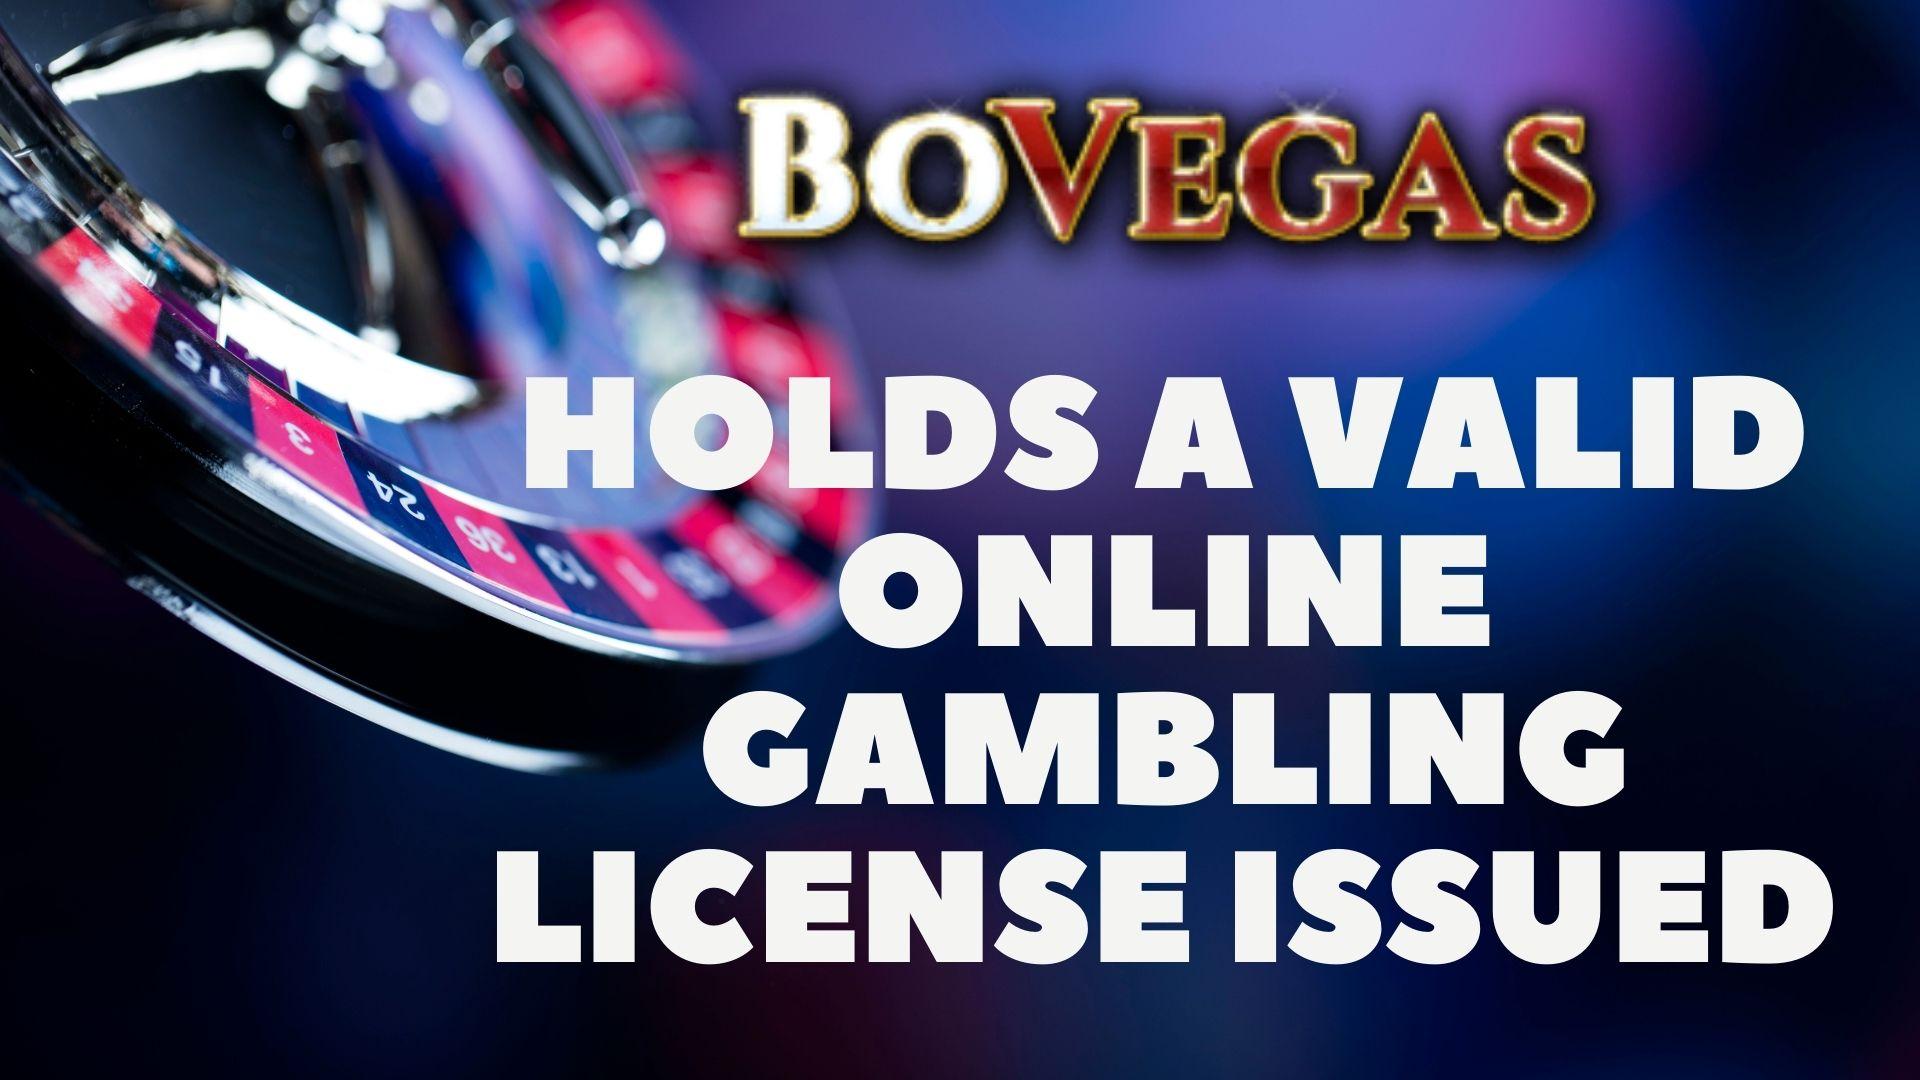 BoVegas Casino License